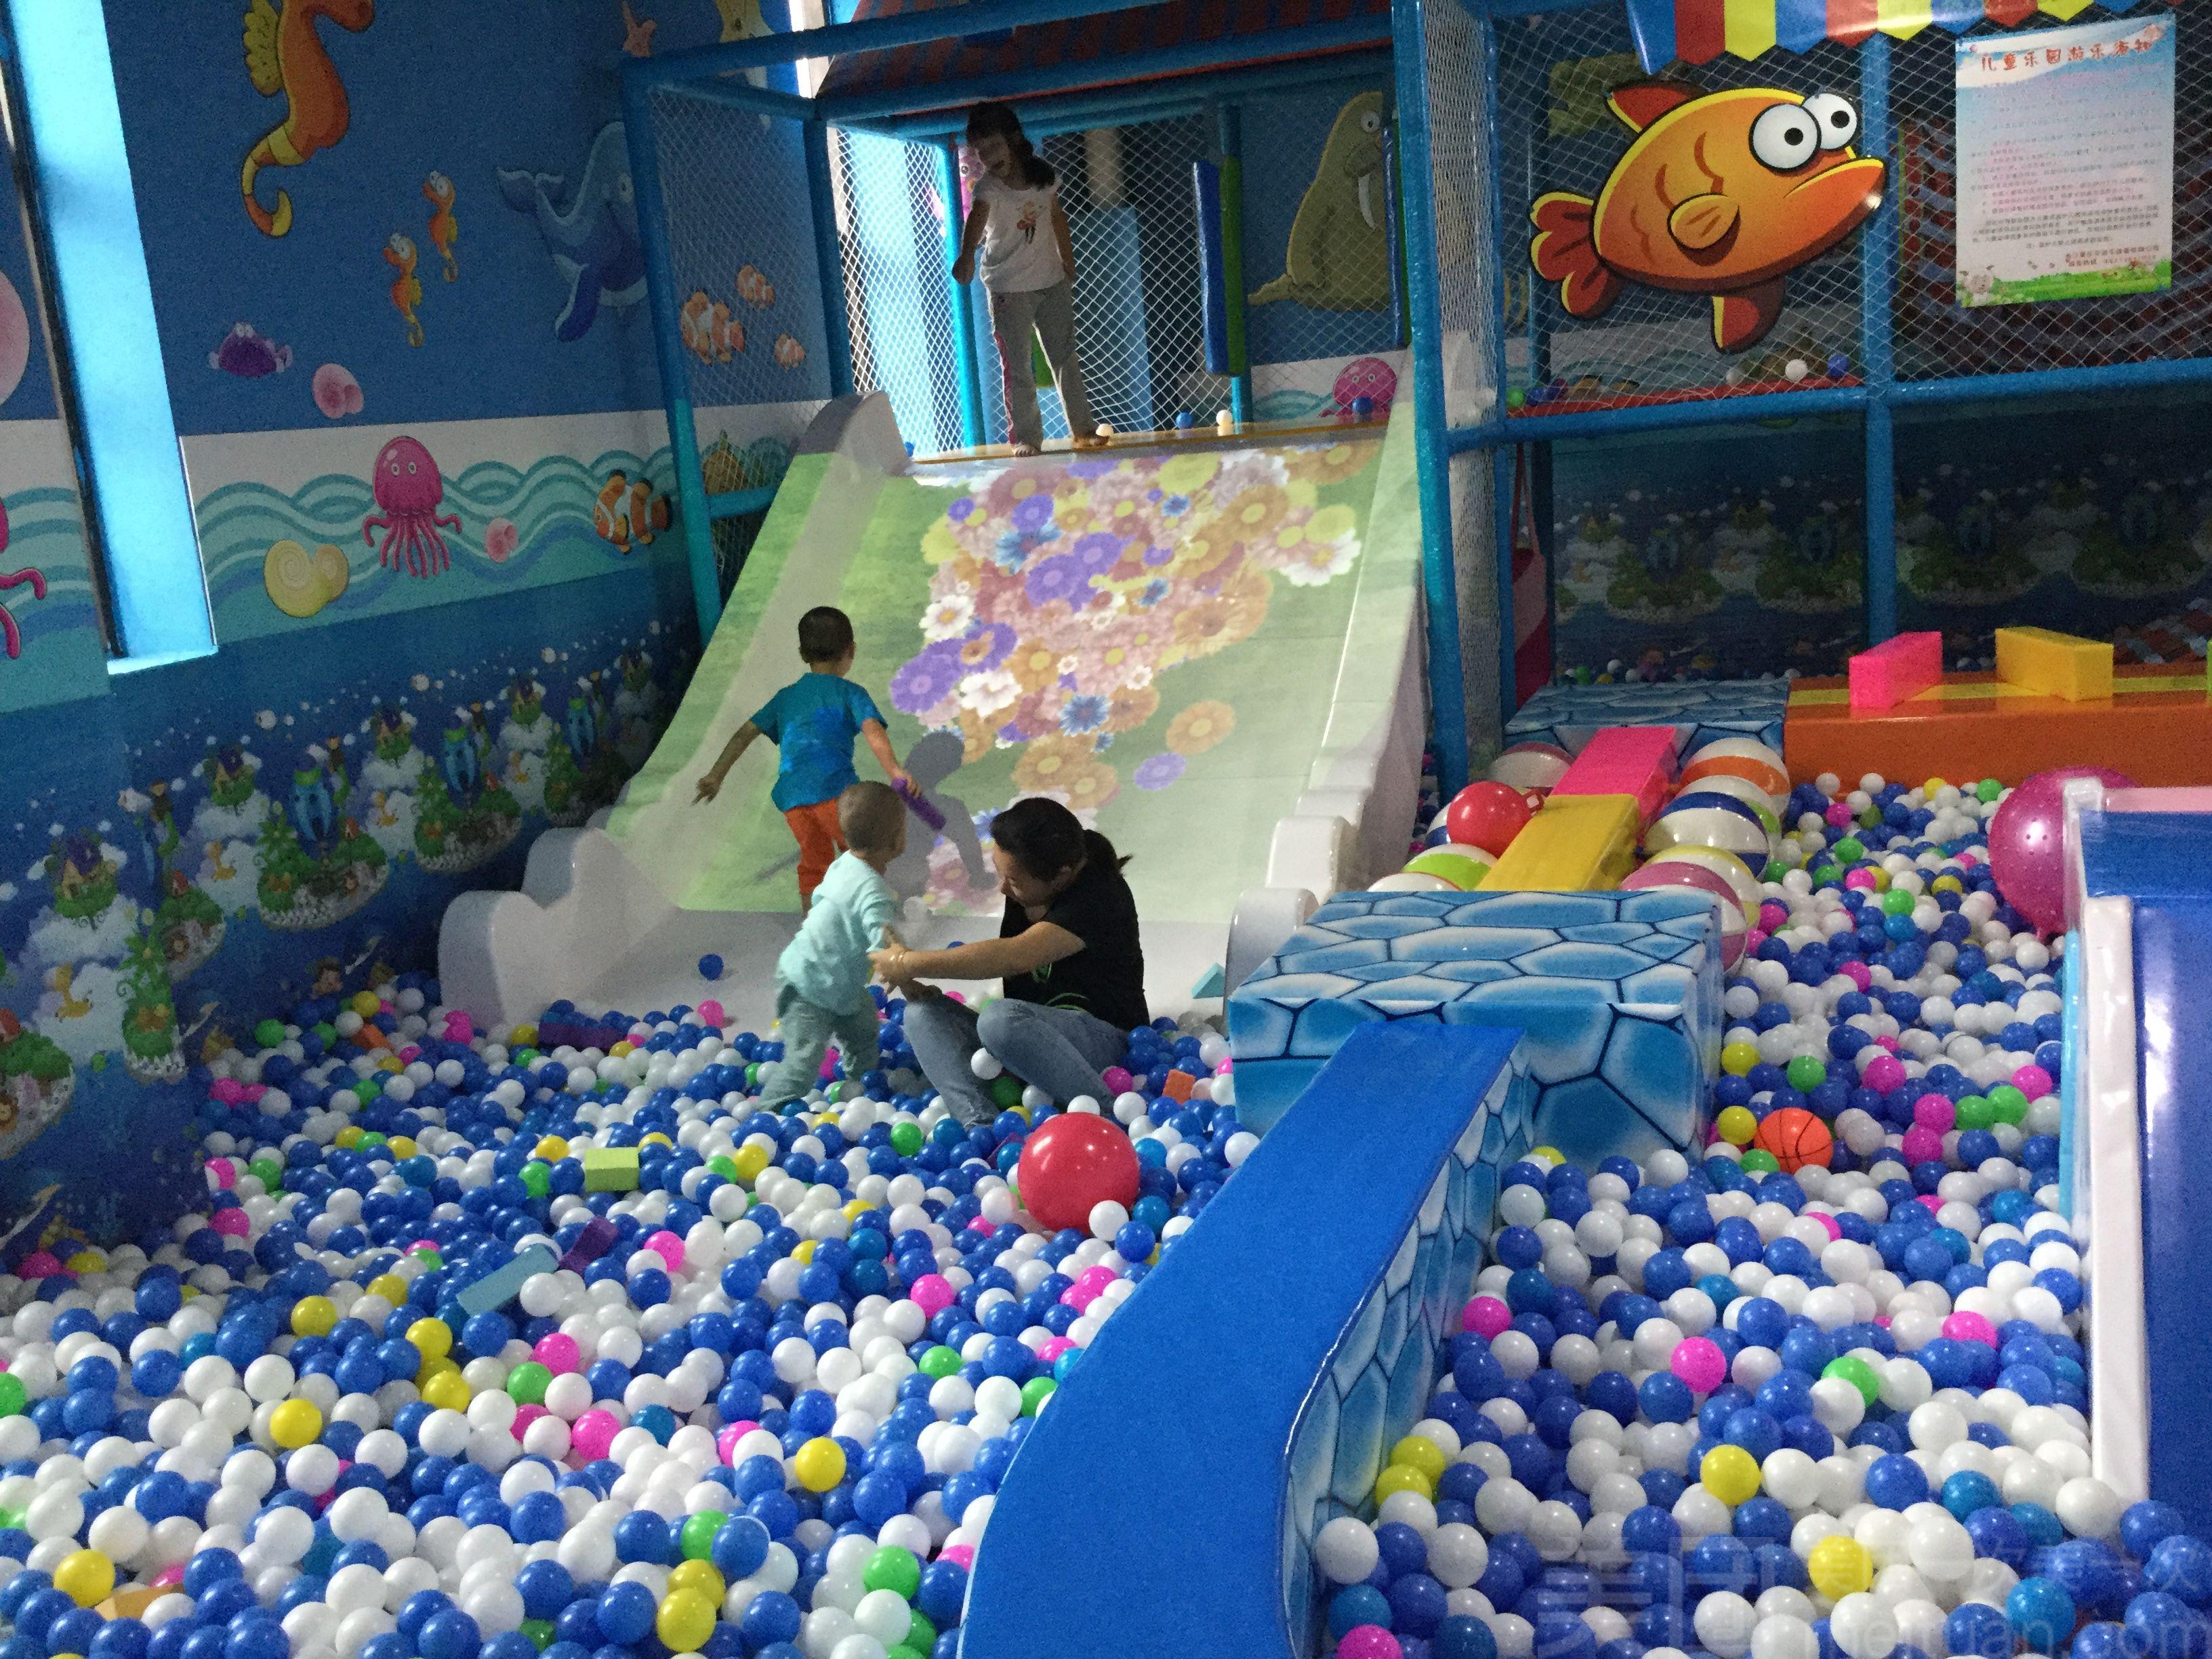 吉姆考拉儿童游乐园